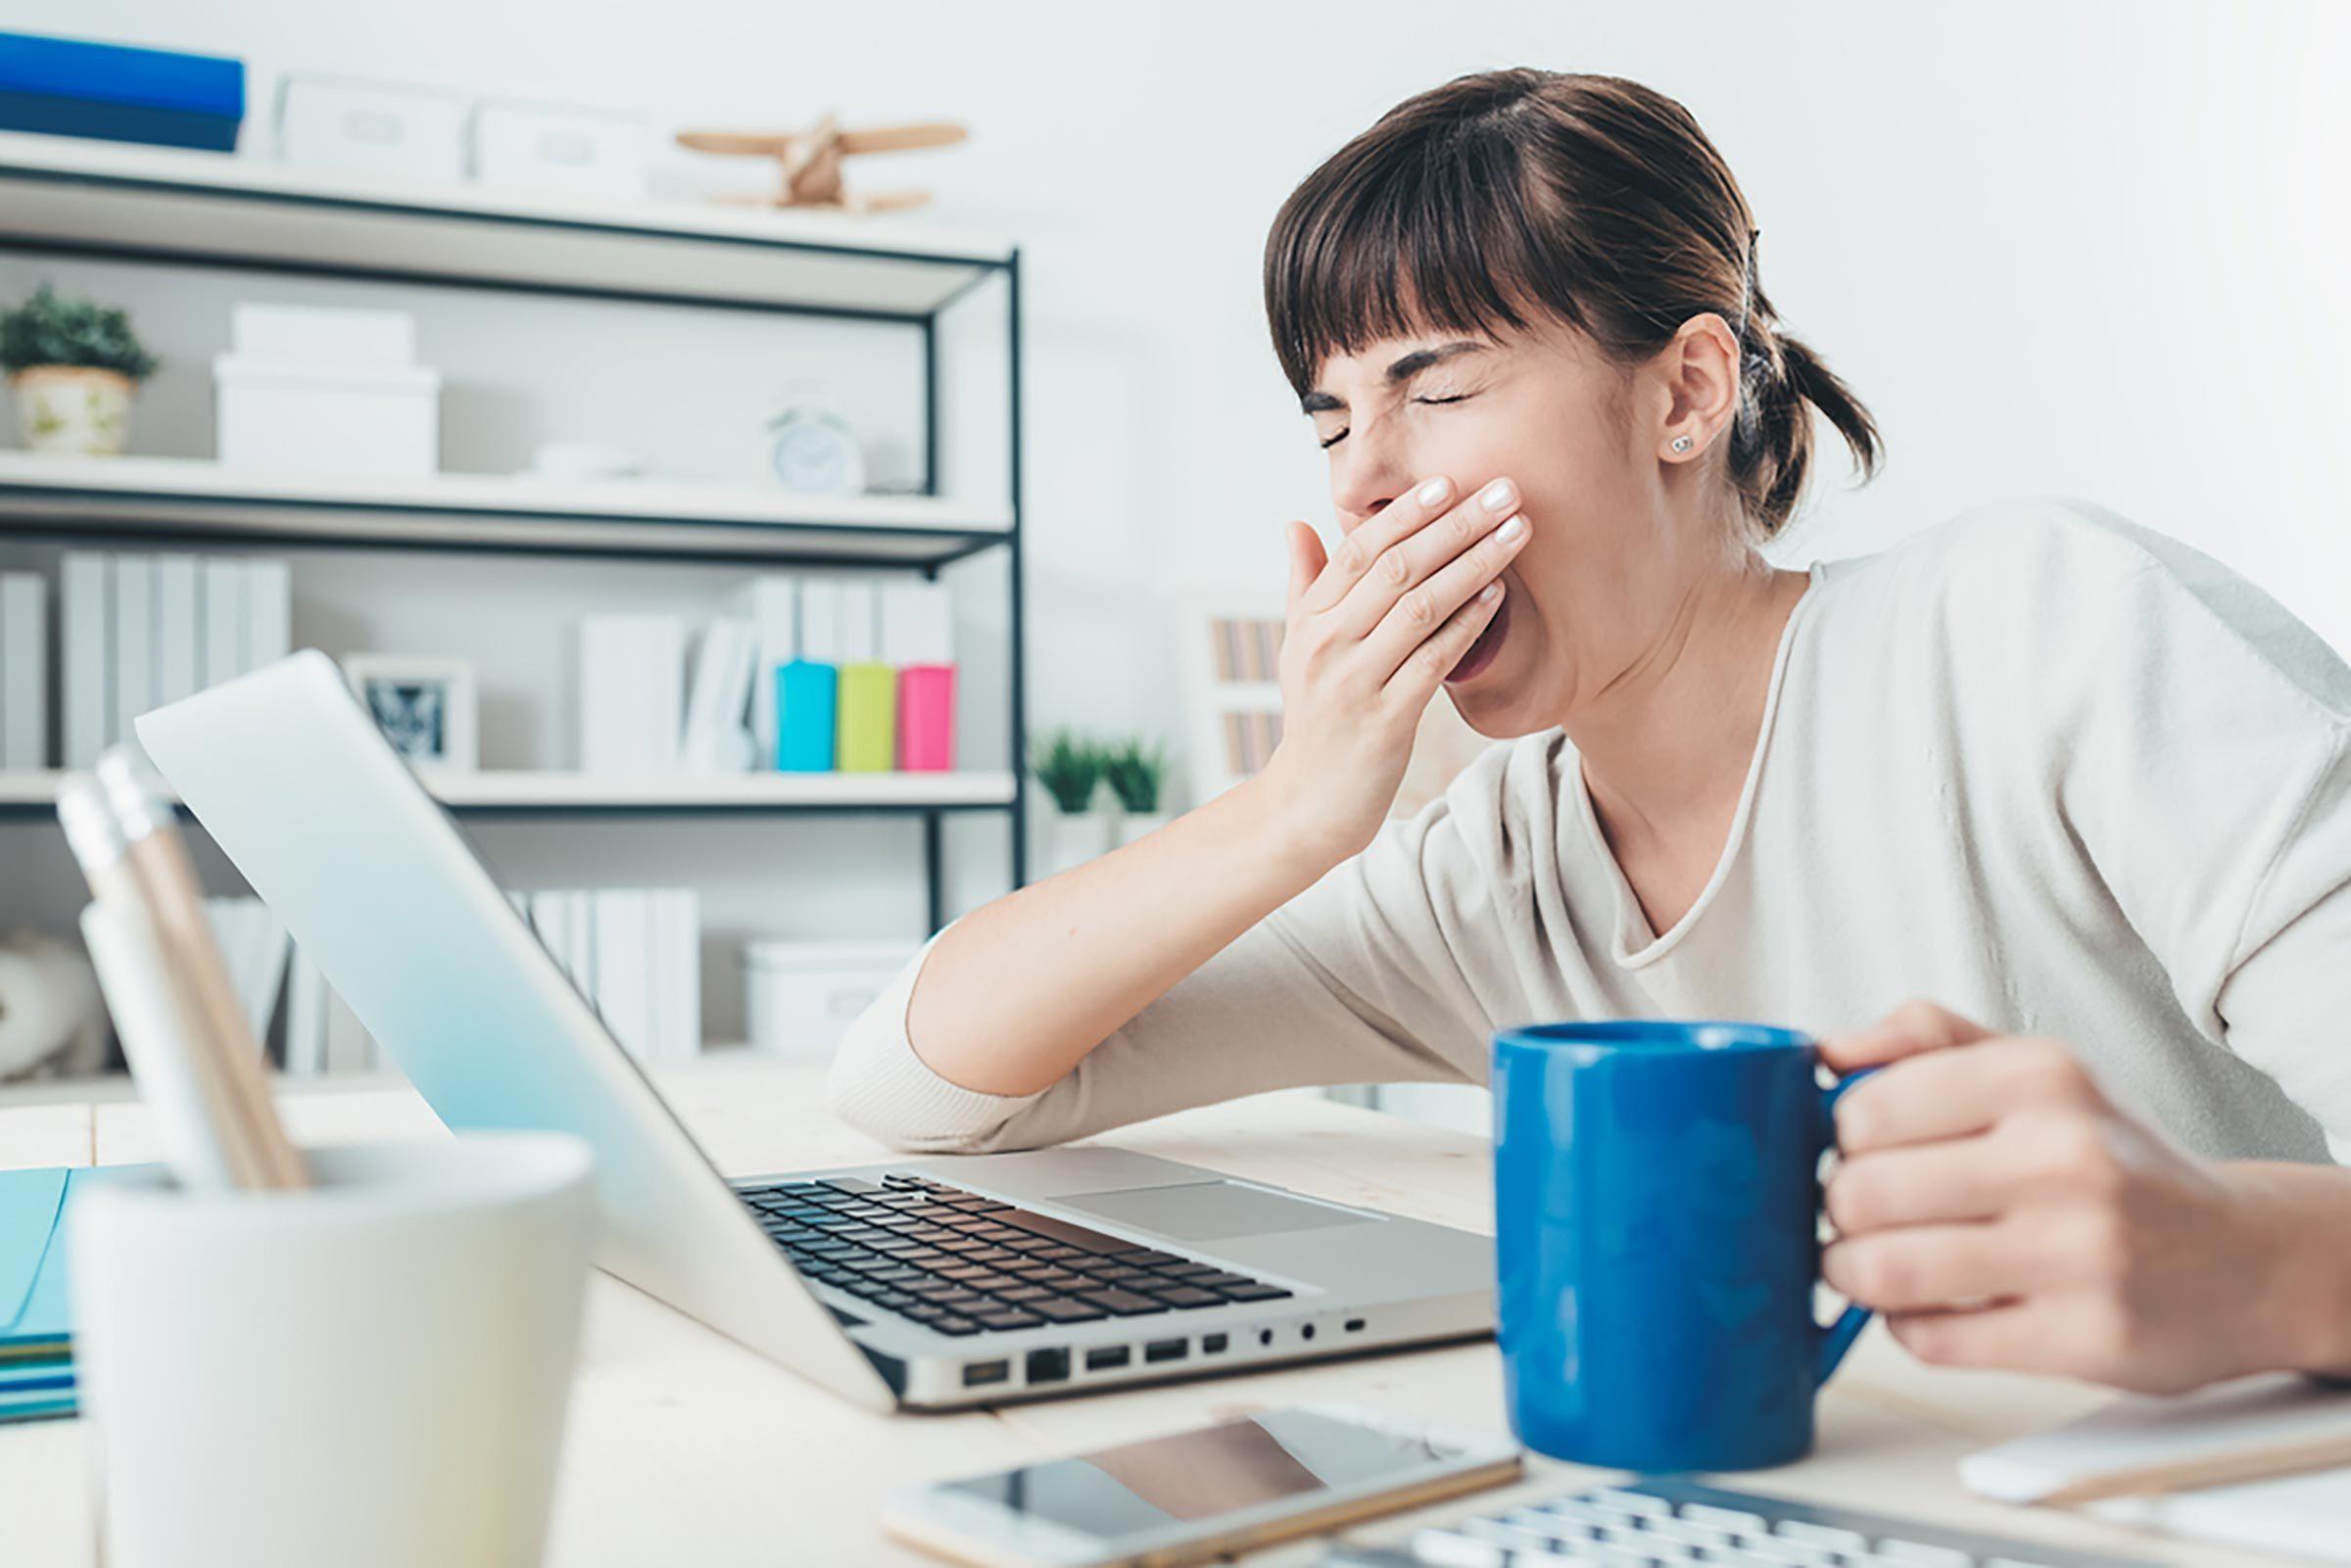 Conseil santé : ne pas remplacer le sommeil par la caféine